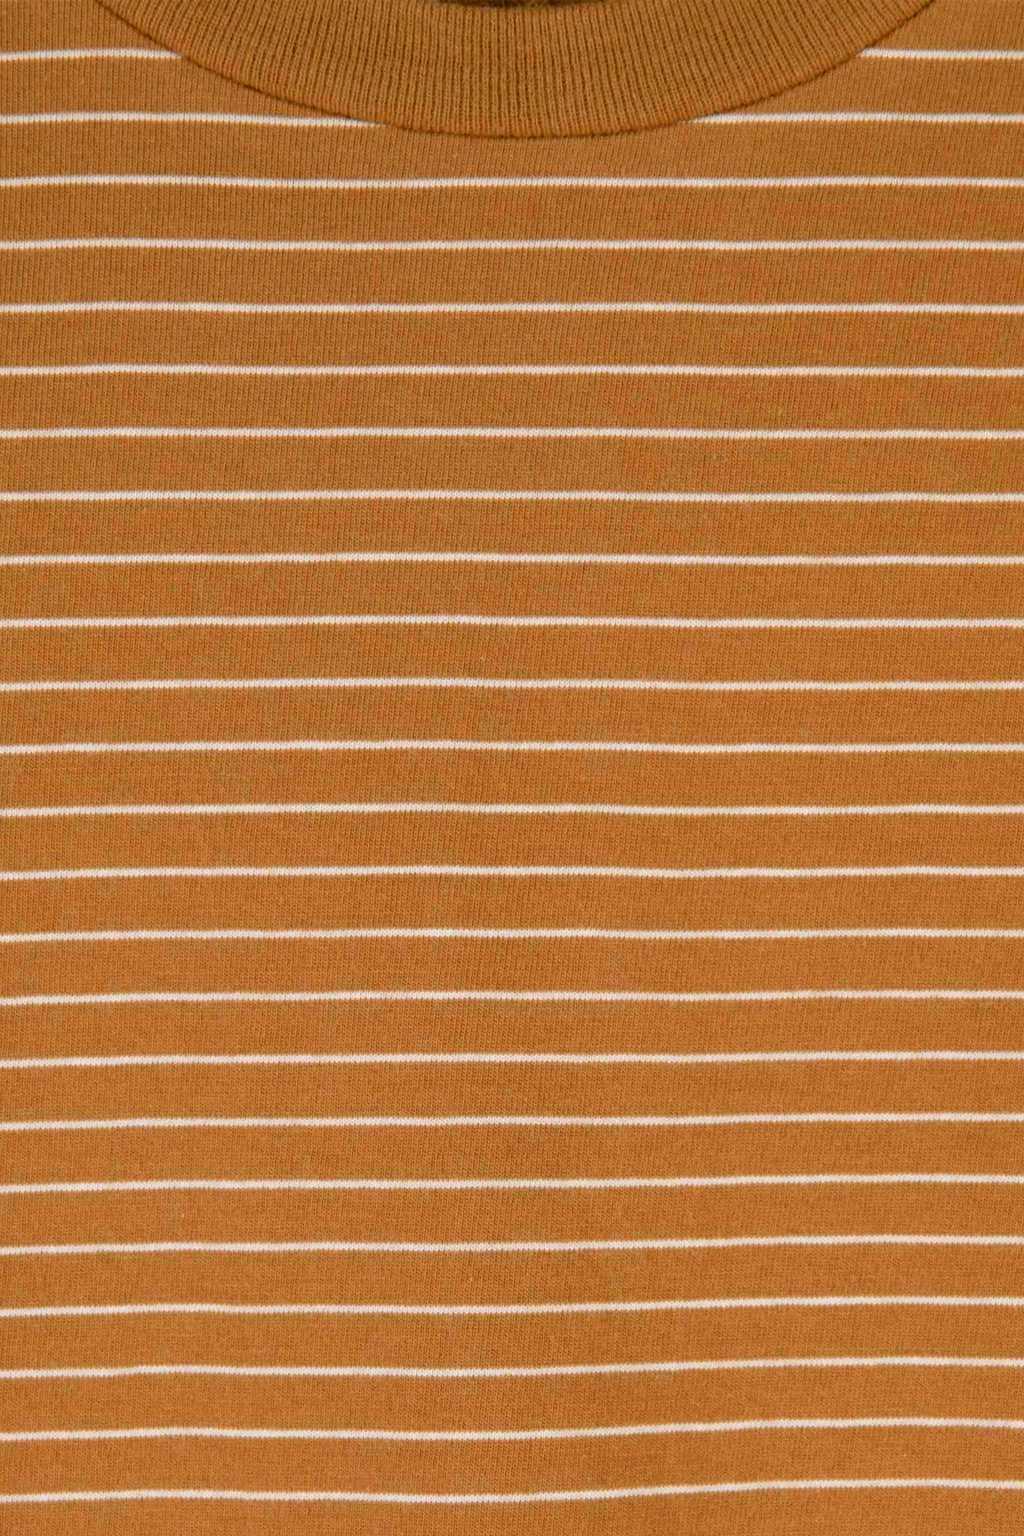 TShirt 3317 Tan Stripe 24